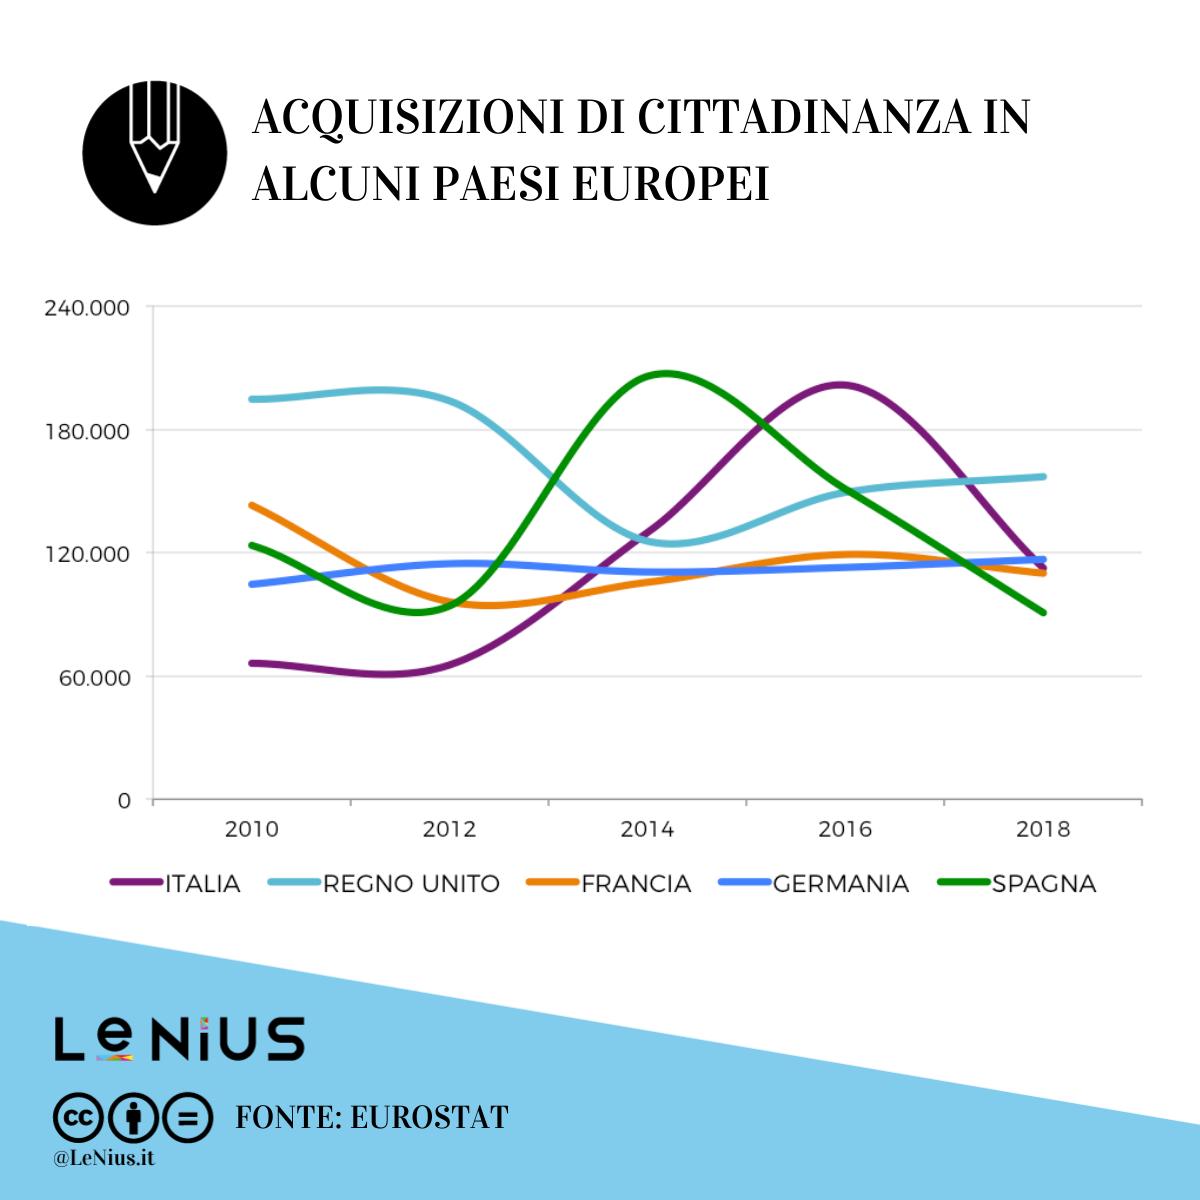 acquisizioni di cittadinanza in europa 2018